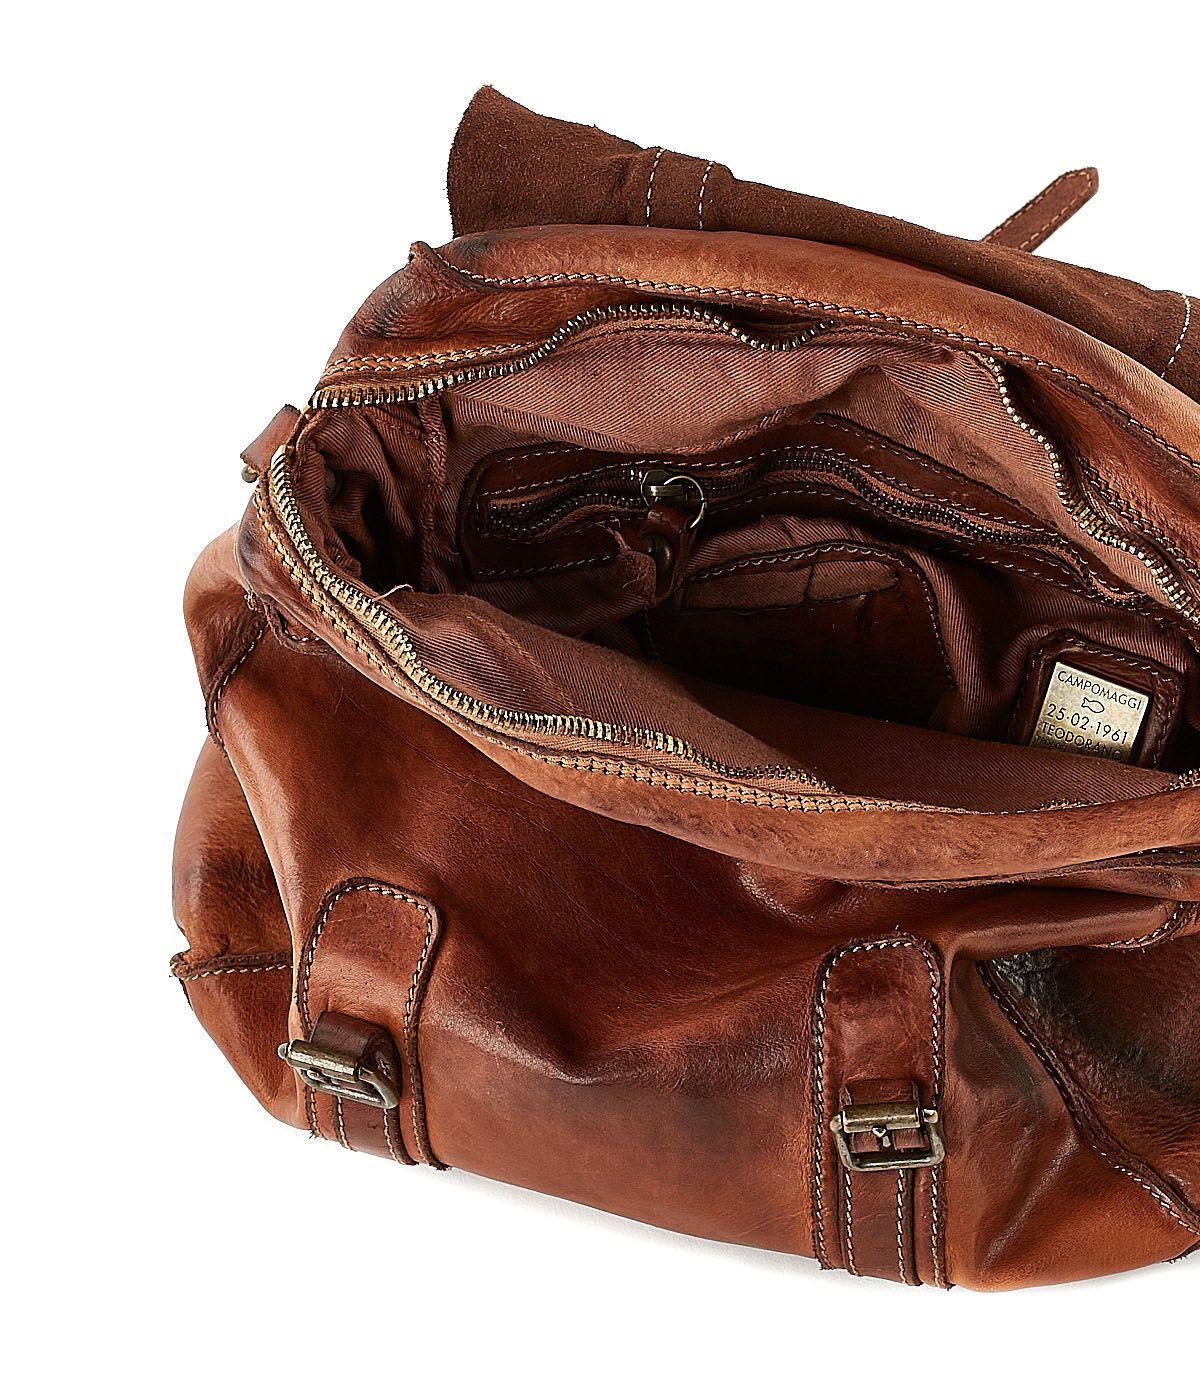 großer Rabatt suche nach authentisch spätester Verkauf CAMPOMAGGI-Tasche-C1983-Women-Cognac-Rossi&Co | Bags for ...